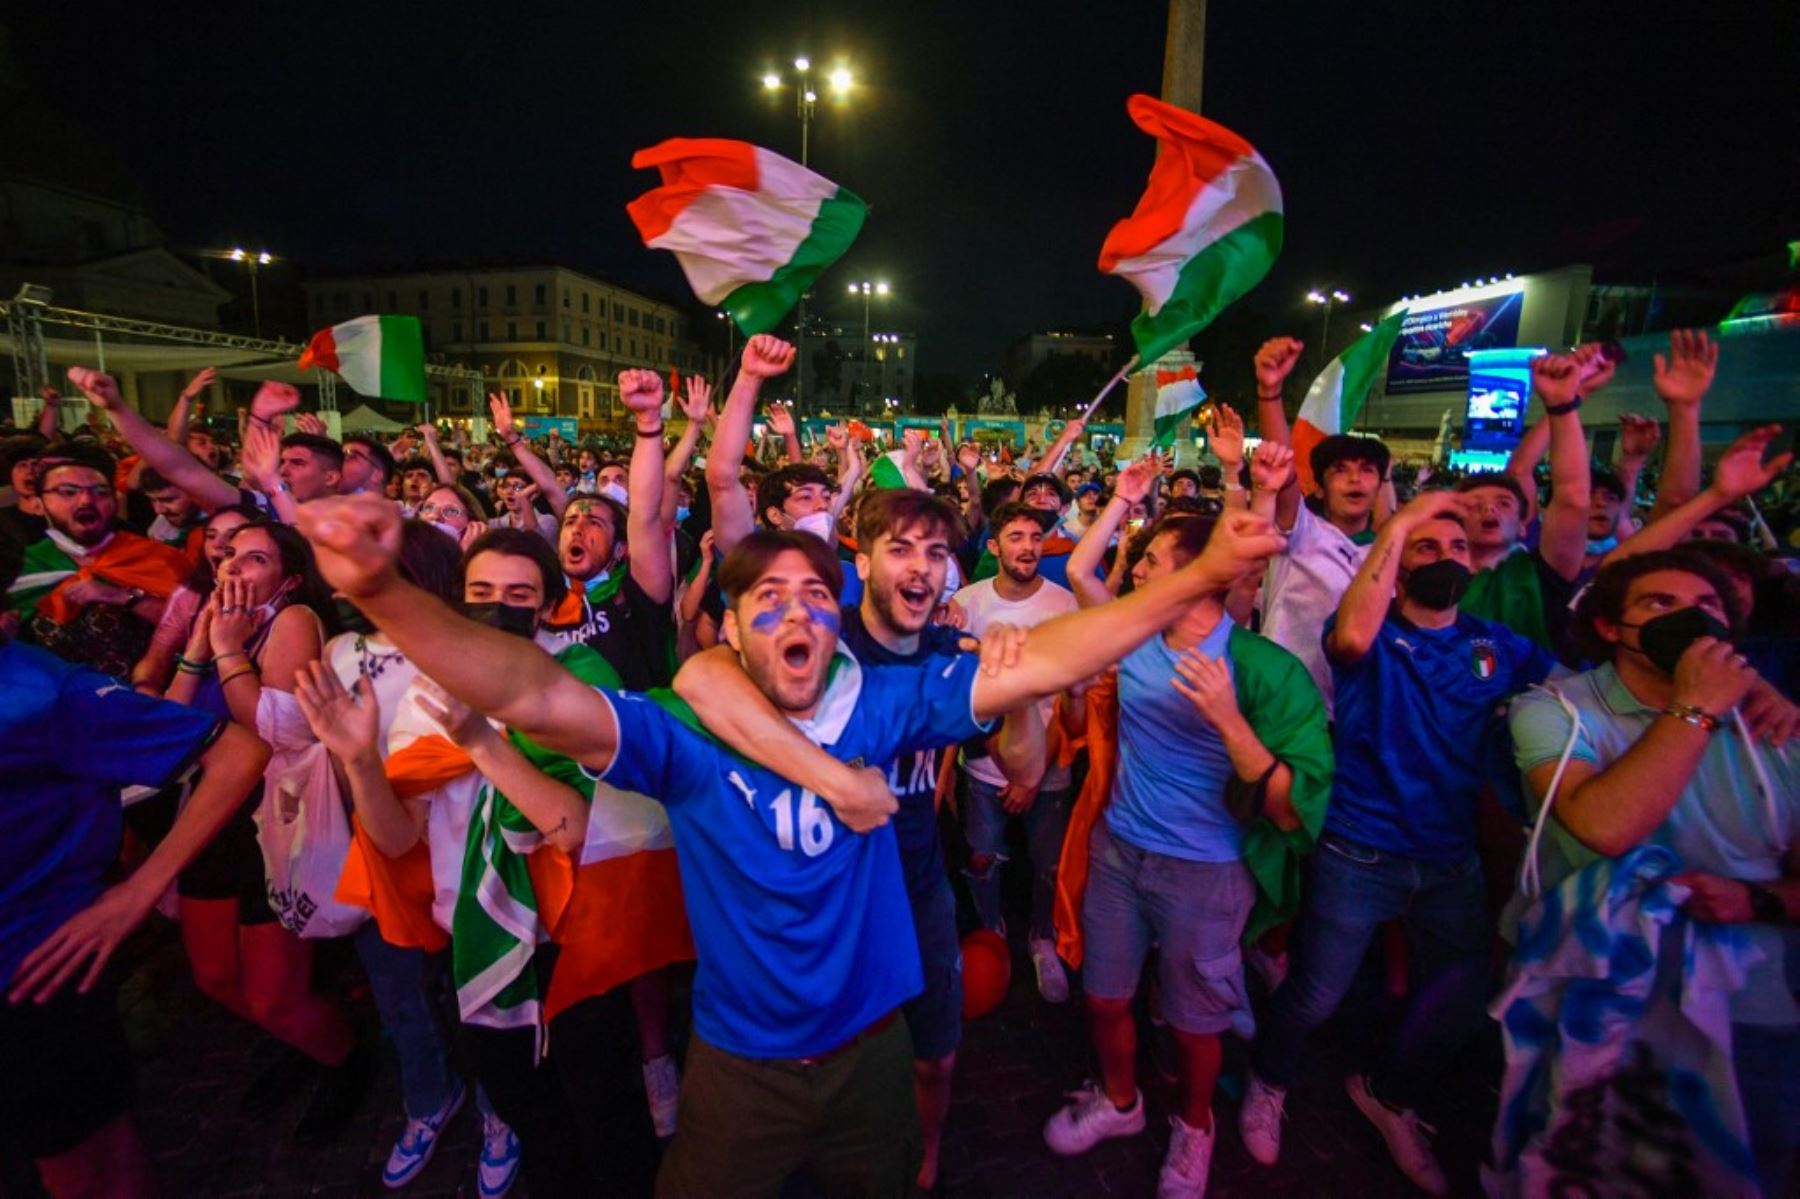 Los aficionados italianos reaccionan en la zona de aficionados de la Piazza del Popolo en Roma el 16 de junio de 2021 mientras ven en pantallas gigantes el partido de fútbol del Grupo A de la UEFA EURO 2020 entre Italia y Suiza, jugado en el cercano Estadio Olímpico. Foto: AFP